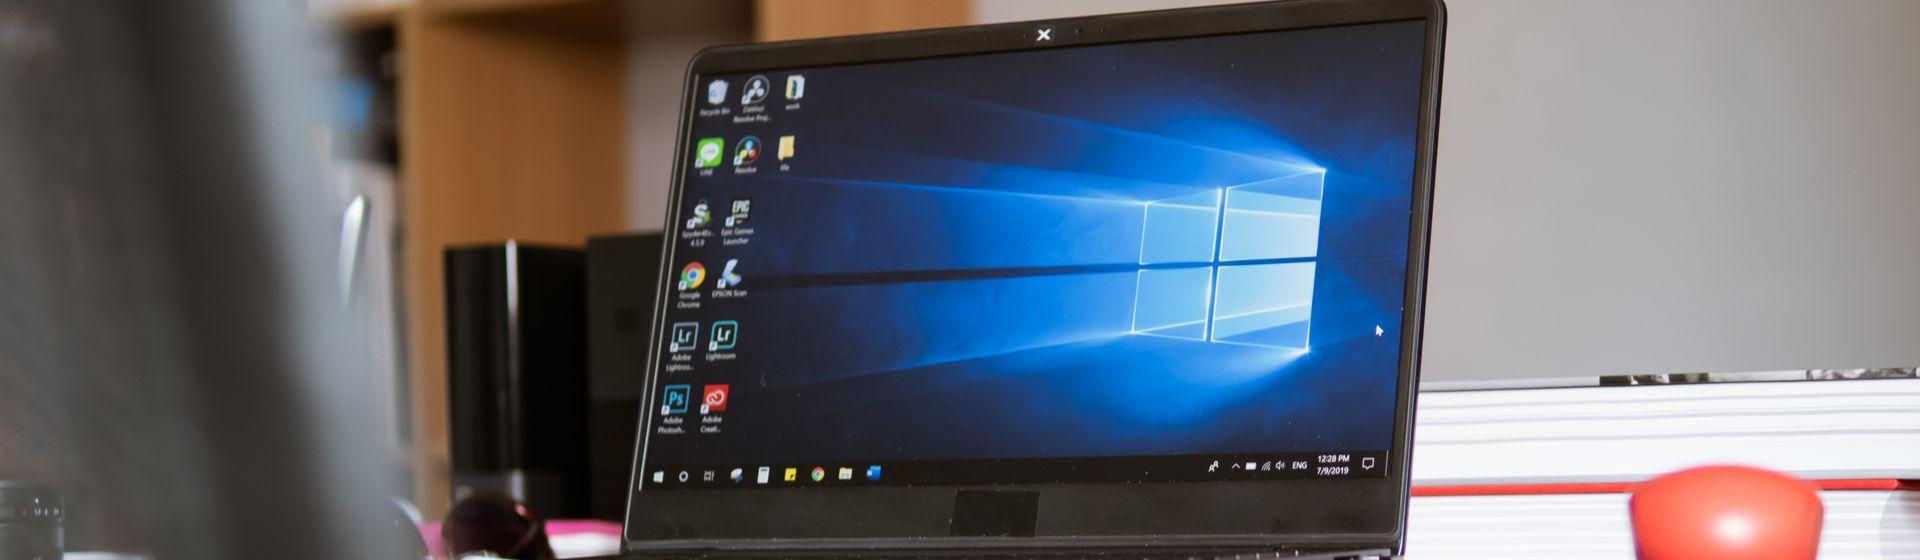 Como atualizar Windows 7 para Windows 10: confira o tutorial